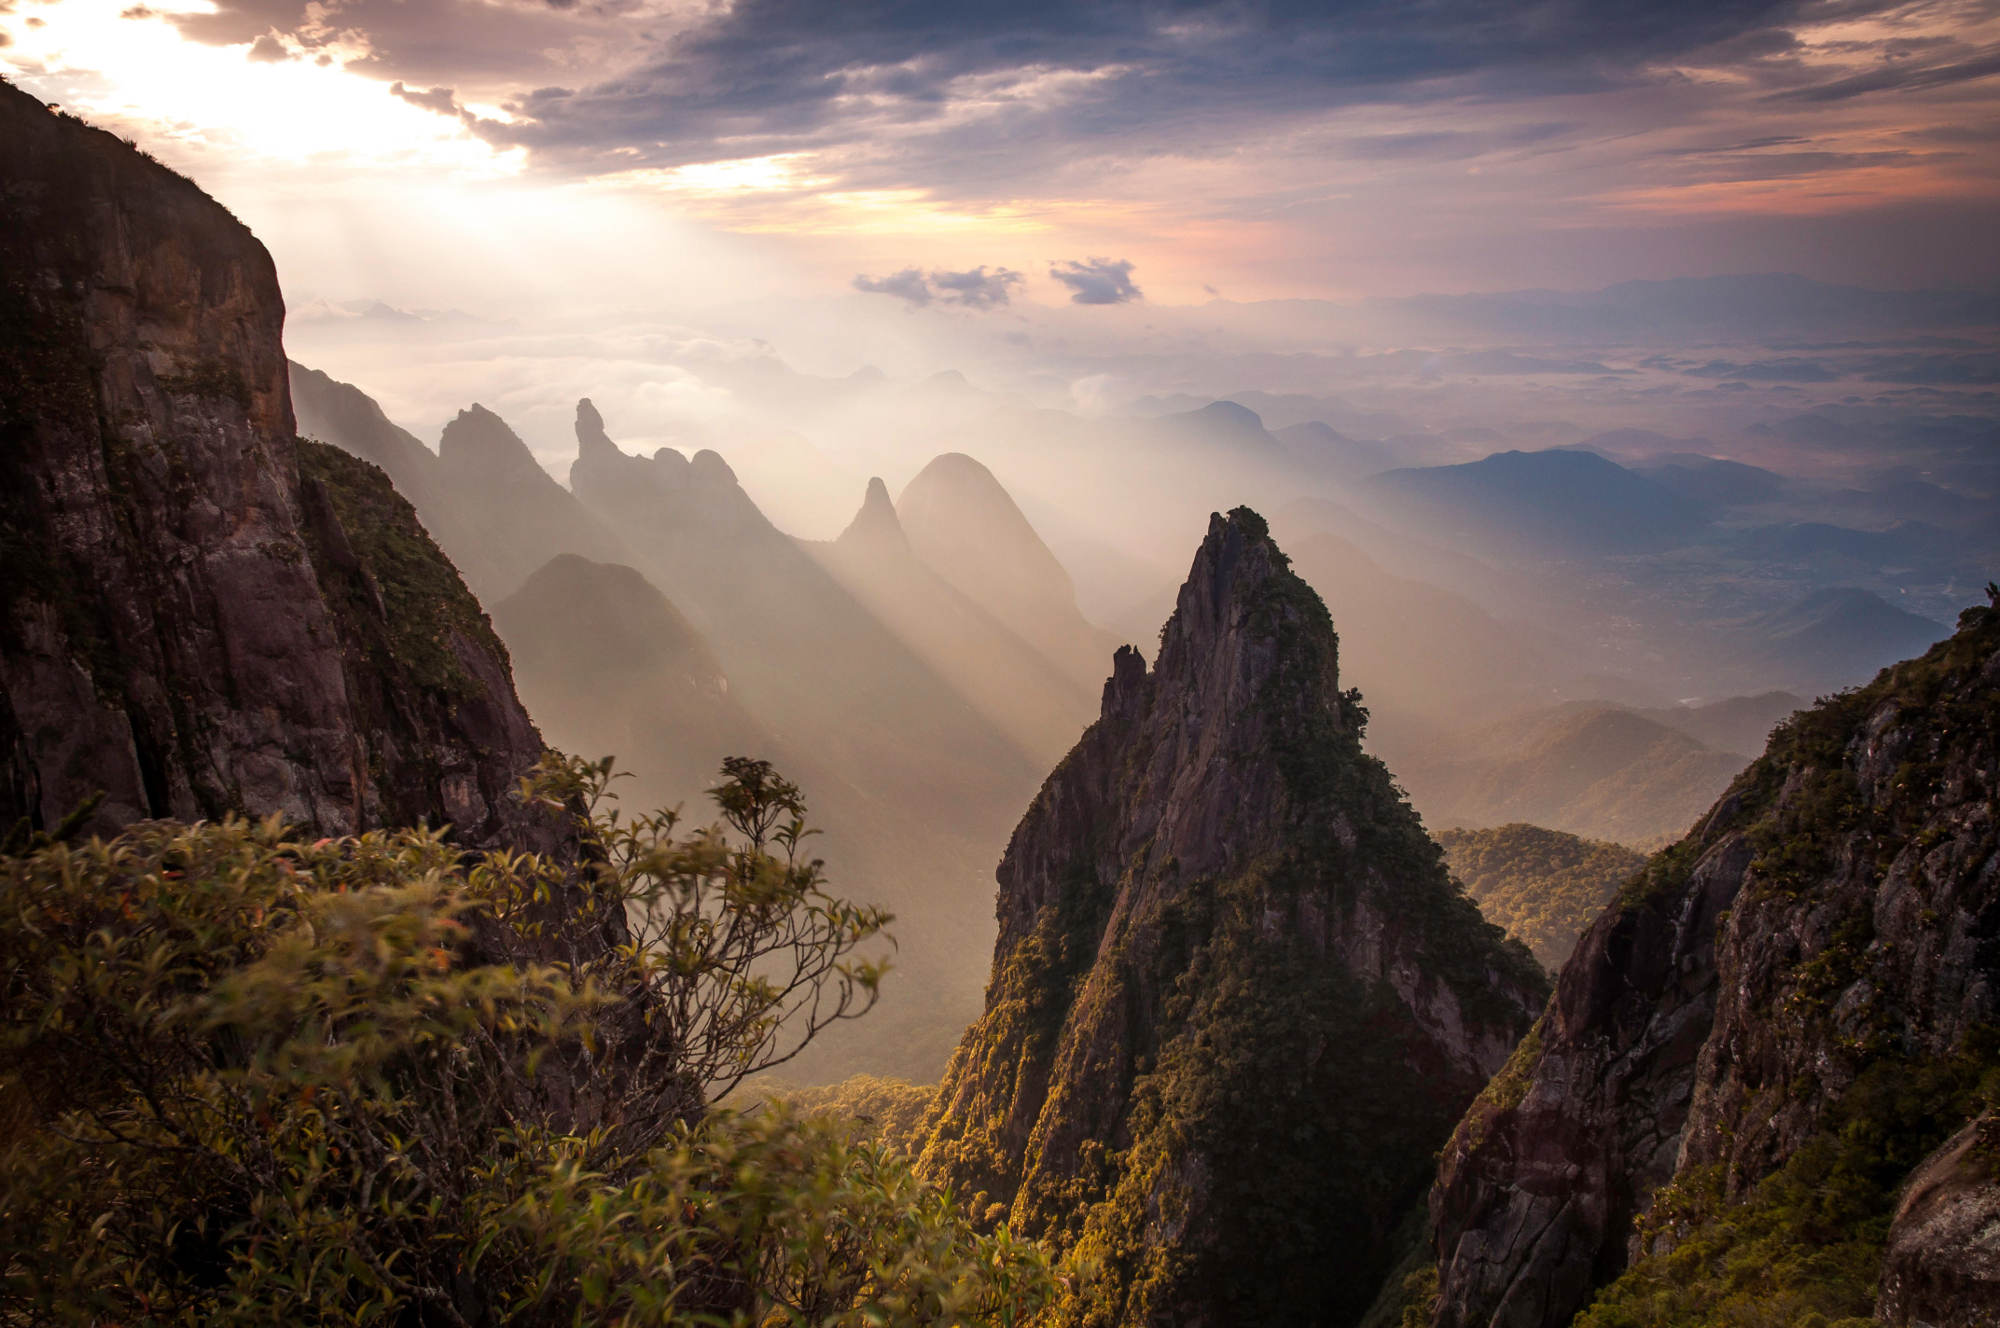 Vista do monte Dedo de Deus, no Parque Nacional da Serra dos Órgãos (foto: Wikimedia Commons)